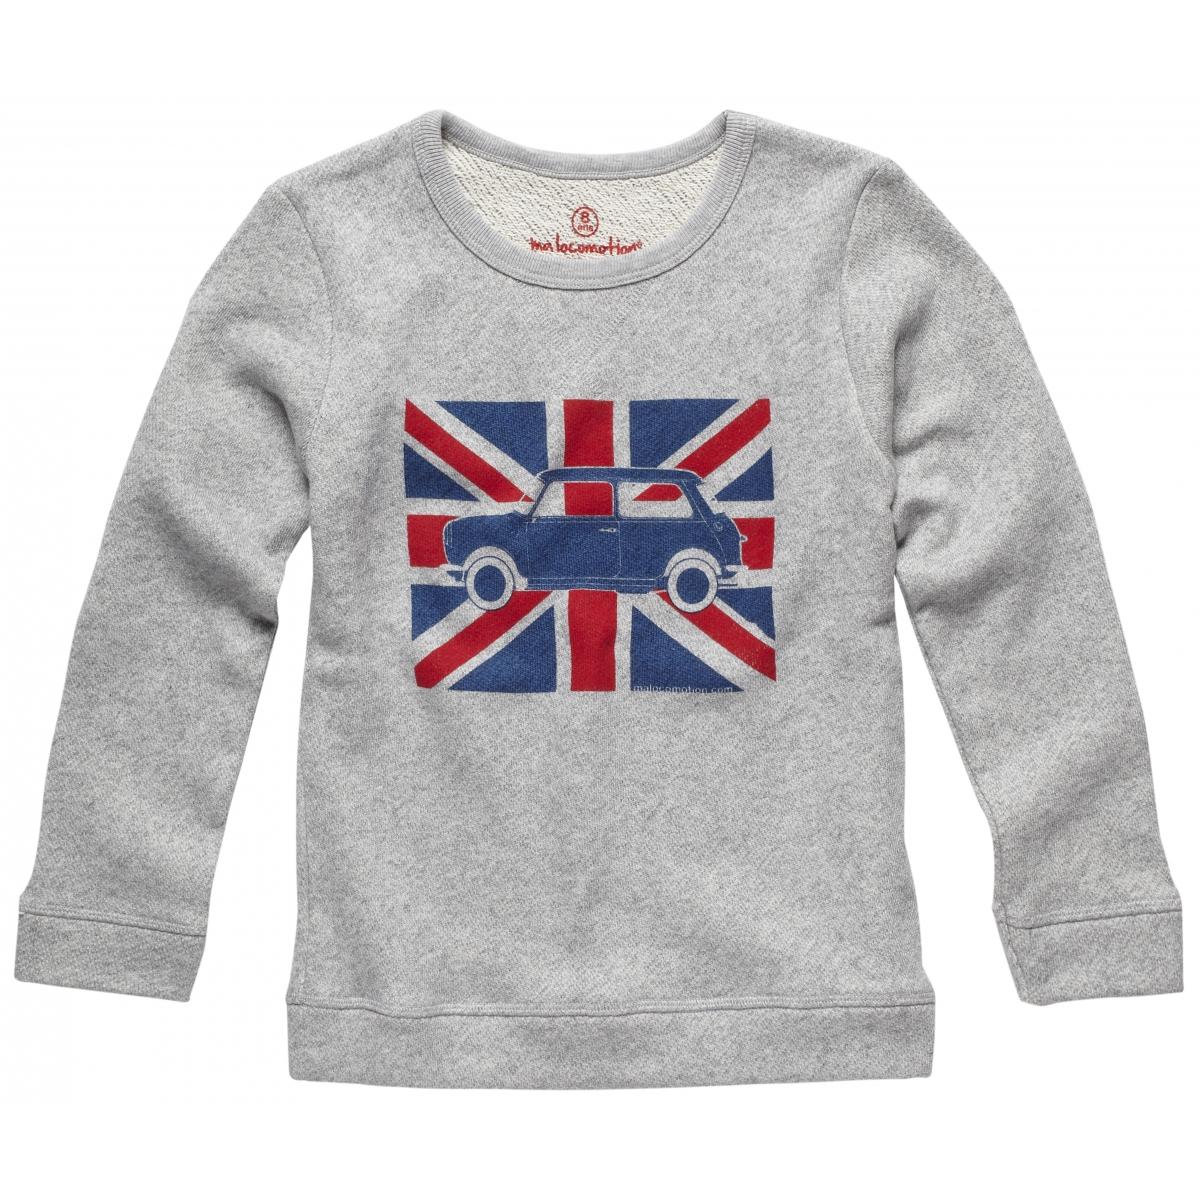 Sweat shirt Mini Union Jack